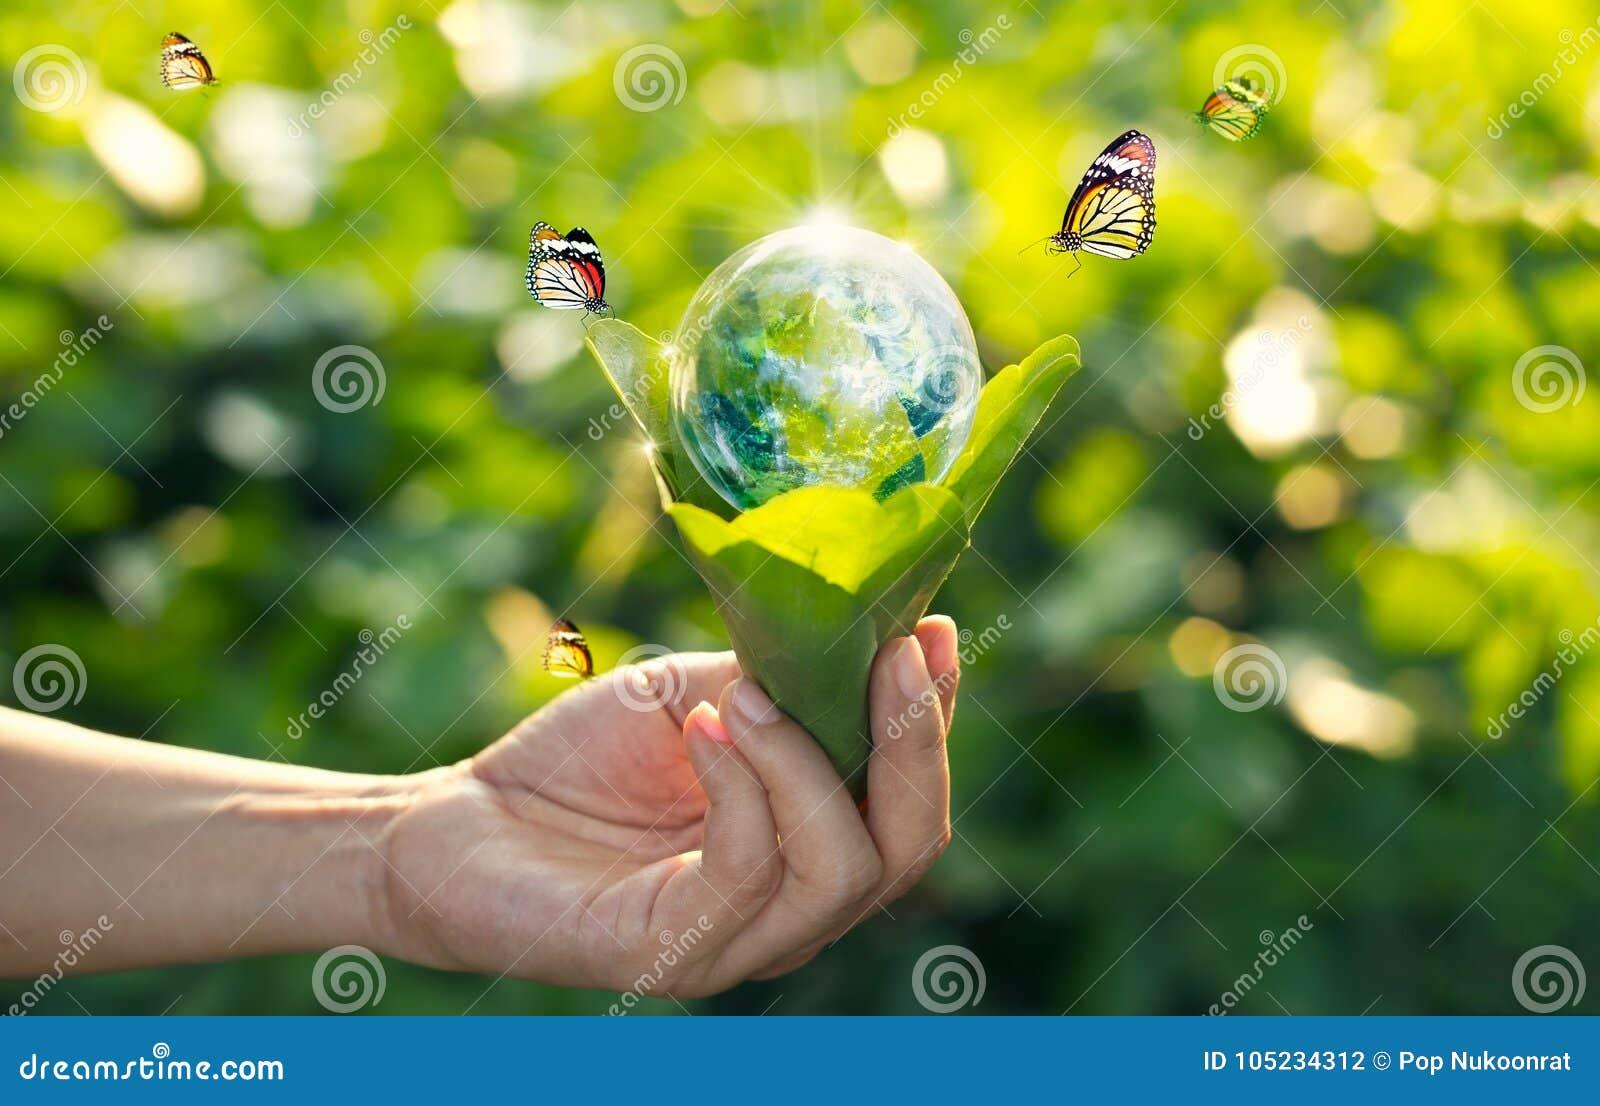 Ενεργειακή έννοια αποταμίευσης, γήινη ημέρα